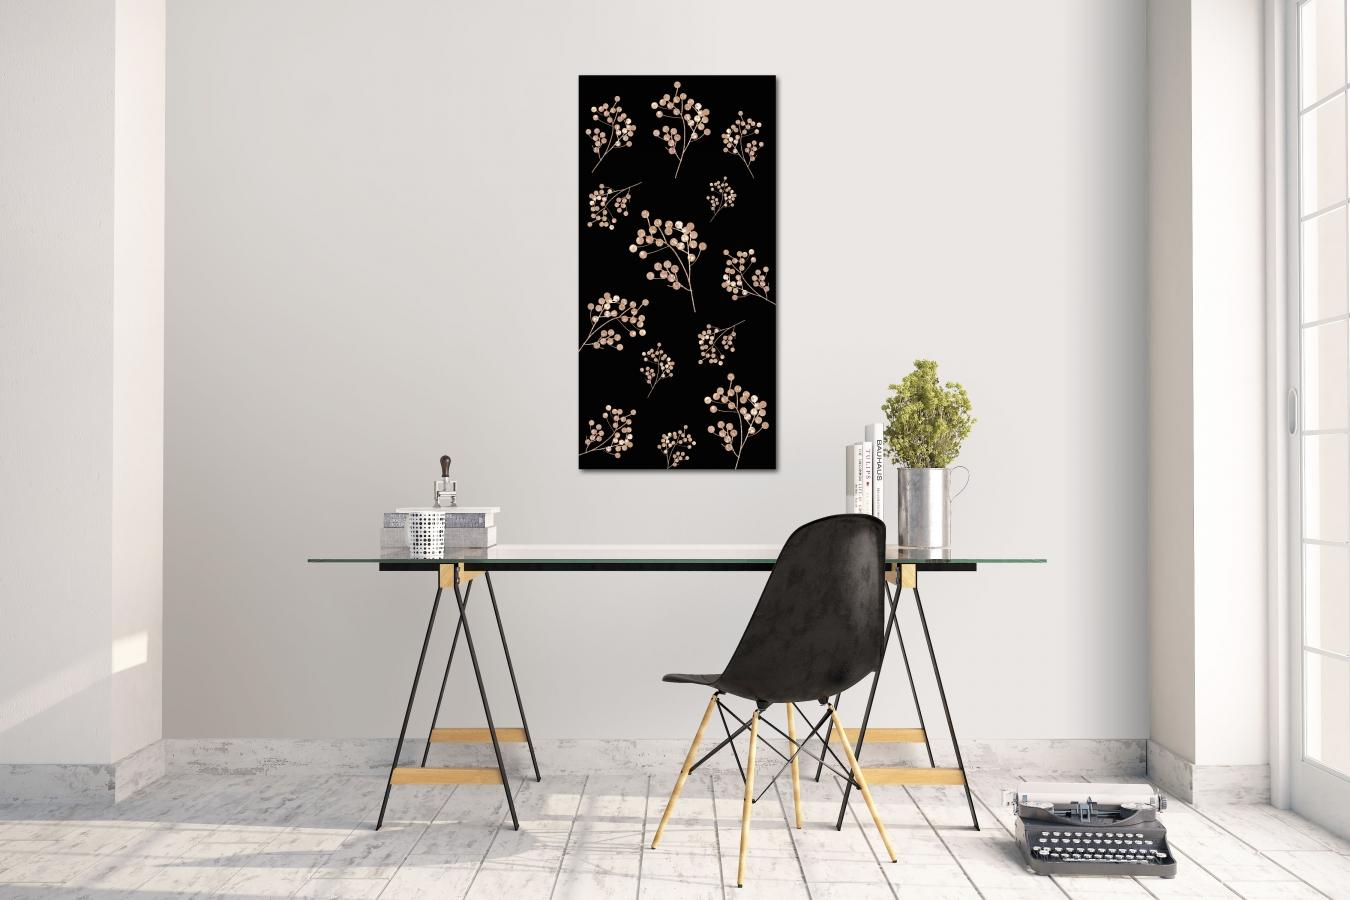 Gewaltig Wandtattoo Gold Beste Wahl Wandsticker Aufkleber Glitter Flowers Grösse: 60 X